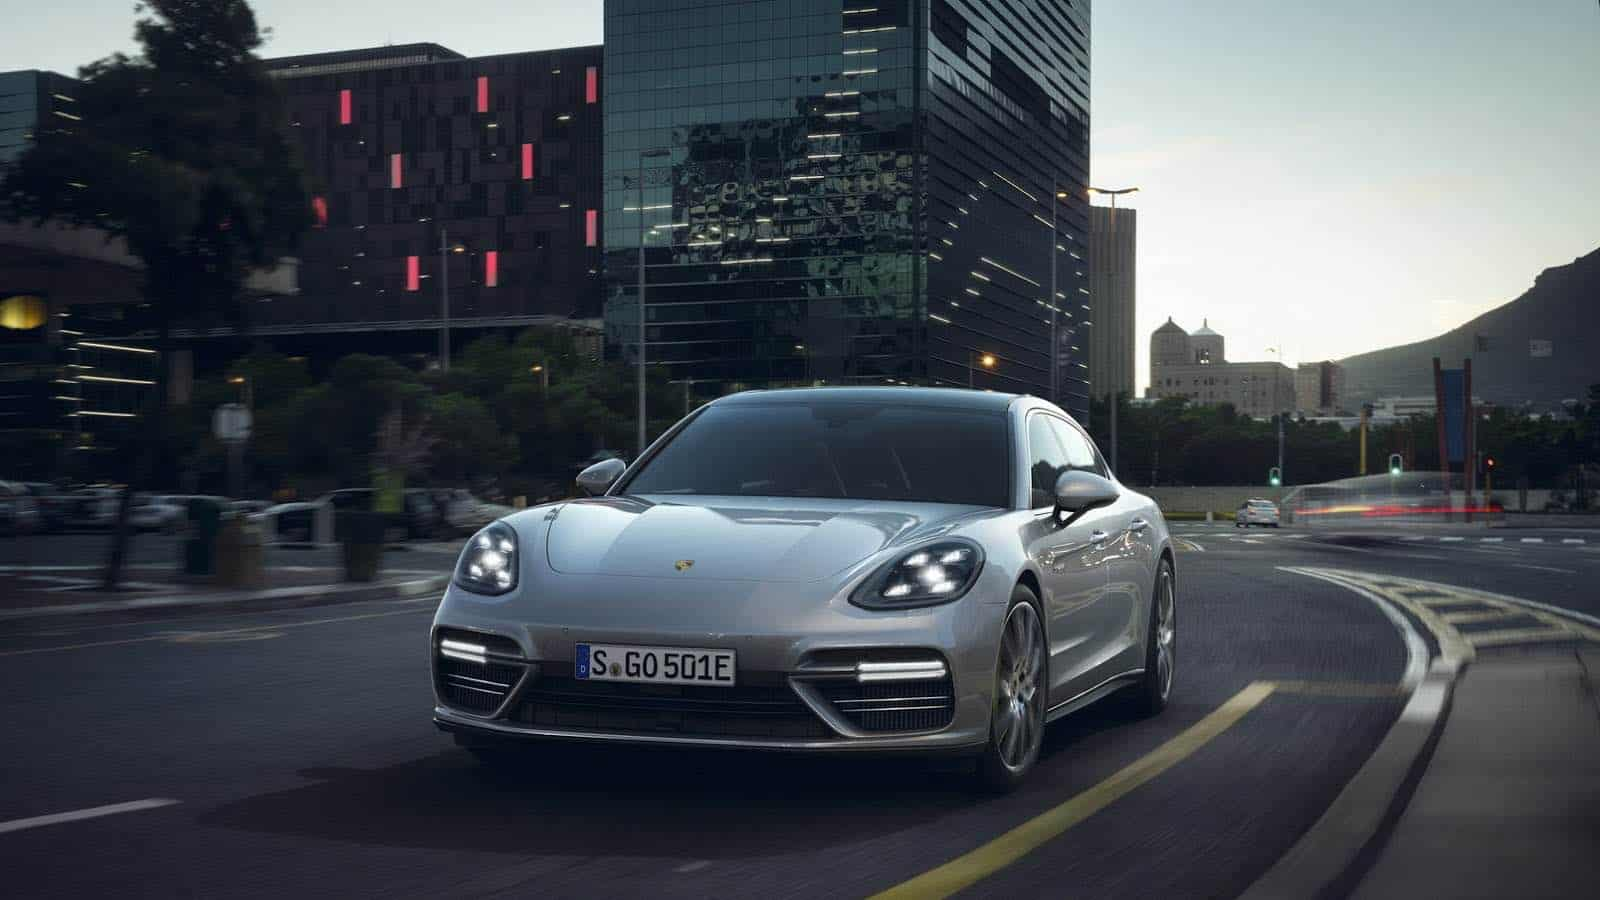 Porsche presentará el Panamera Turbo S E-Hybrid 2018 durante el Salón del Automóvil de Ginebra